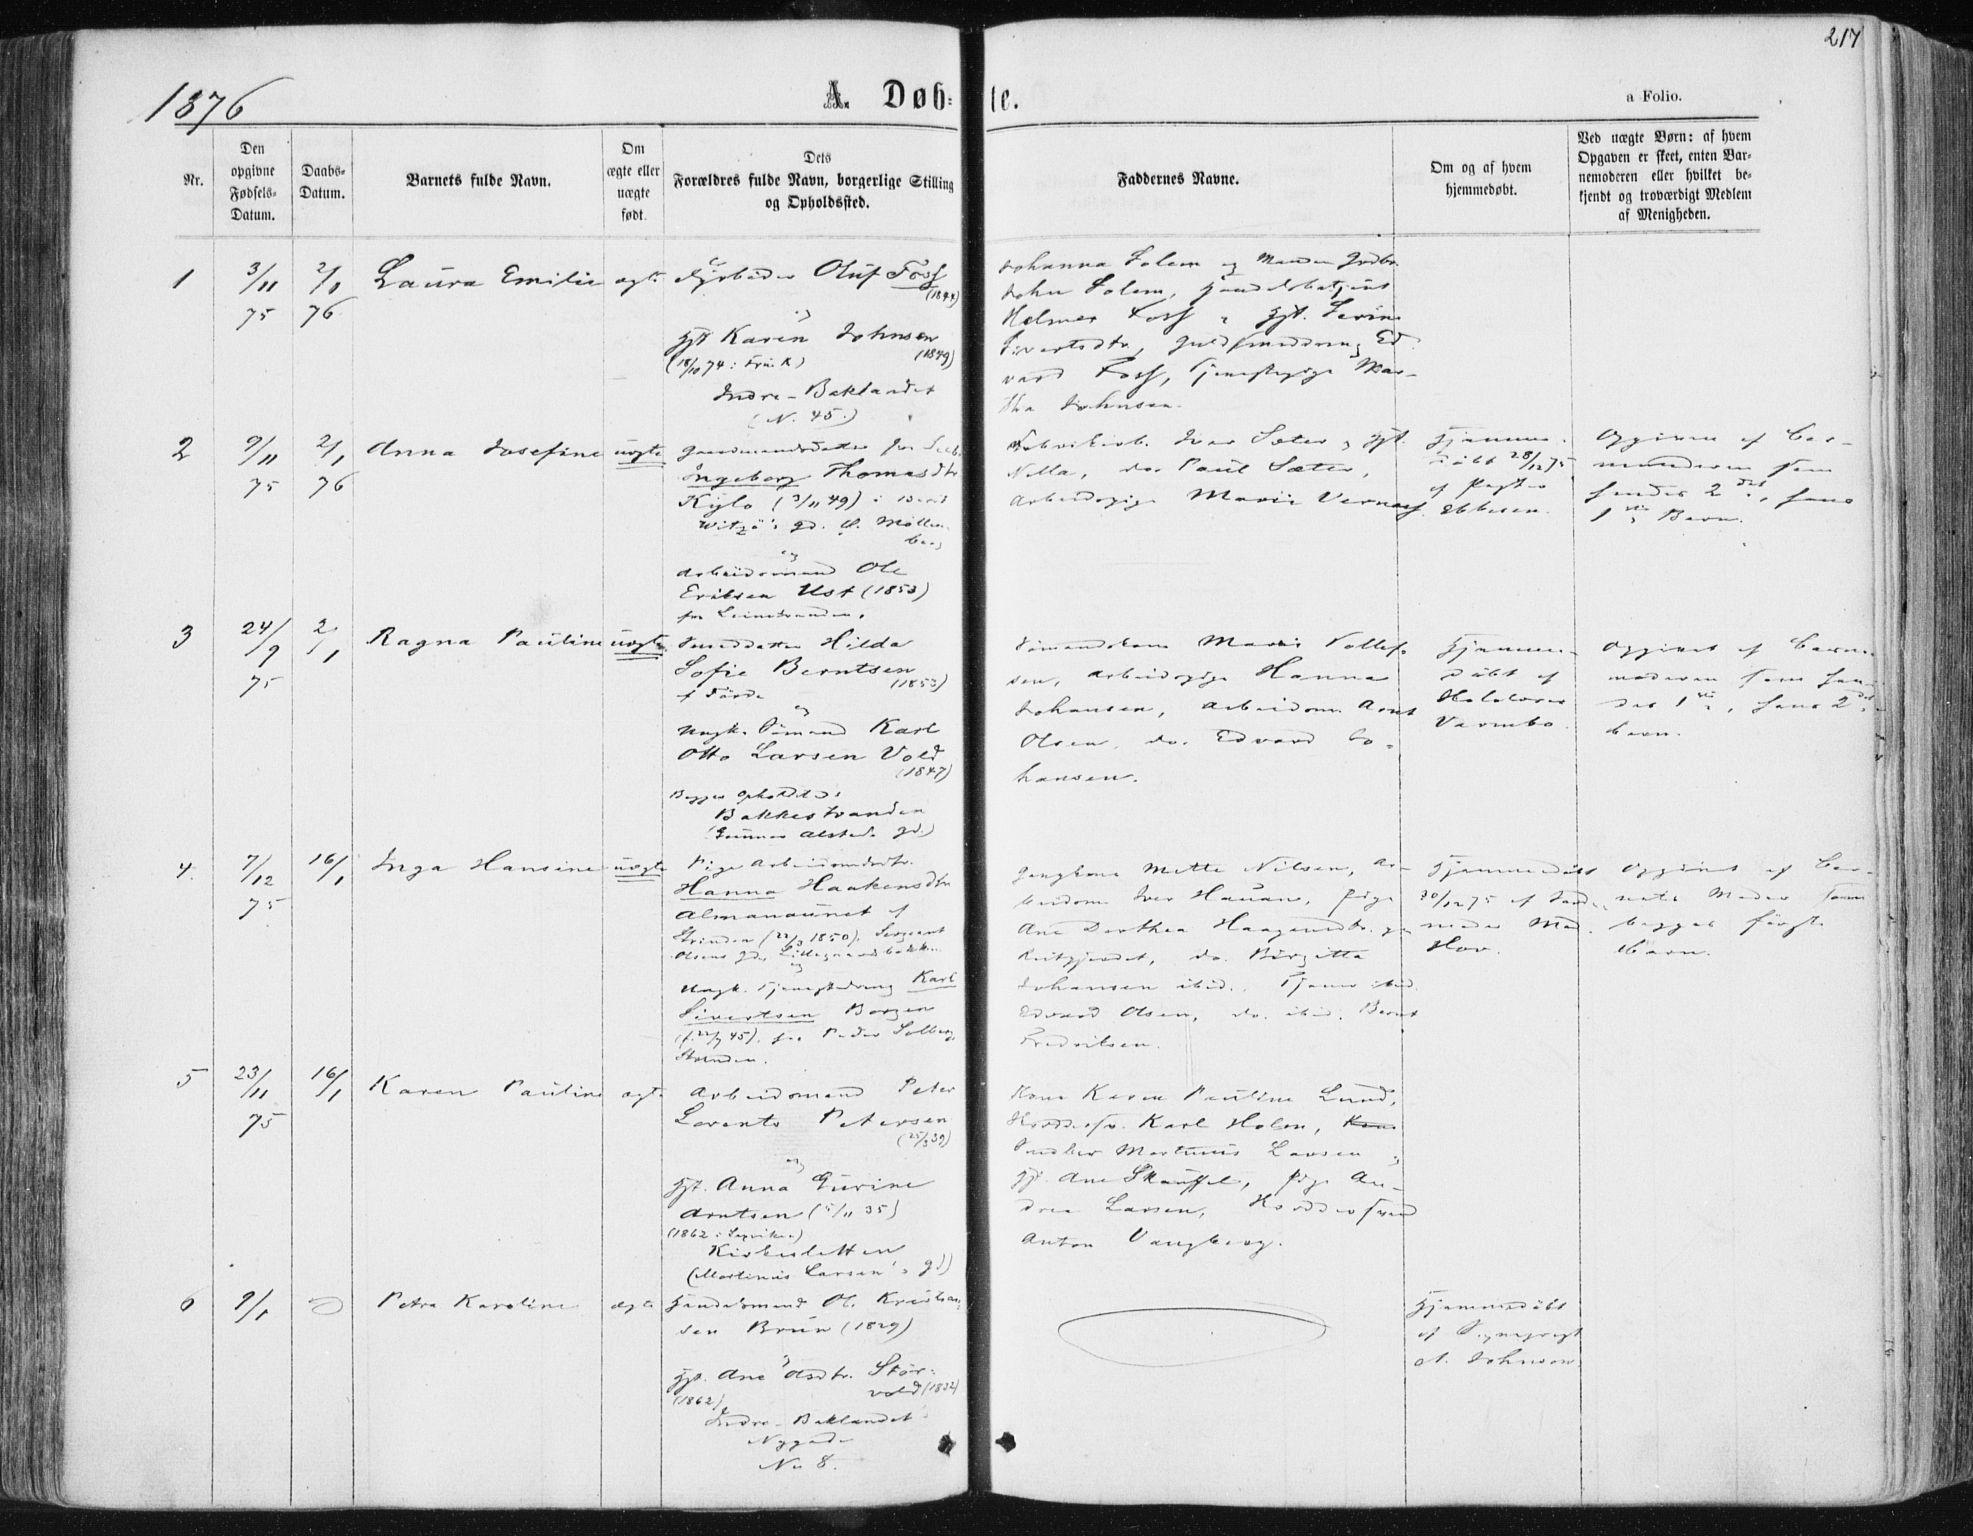 SAT, Ministerialprotokoller, klokkerbøker og fødselsregistre - Sør-Trøndelag, 604/L0186: Ministerialbok nr. 604A07, 1866-1877, s. 217